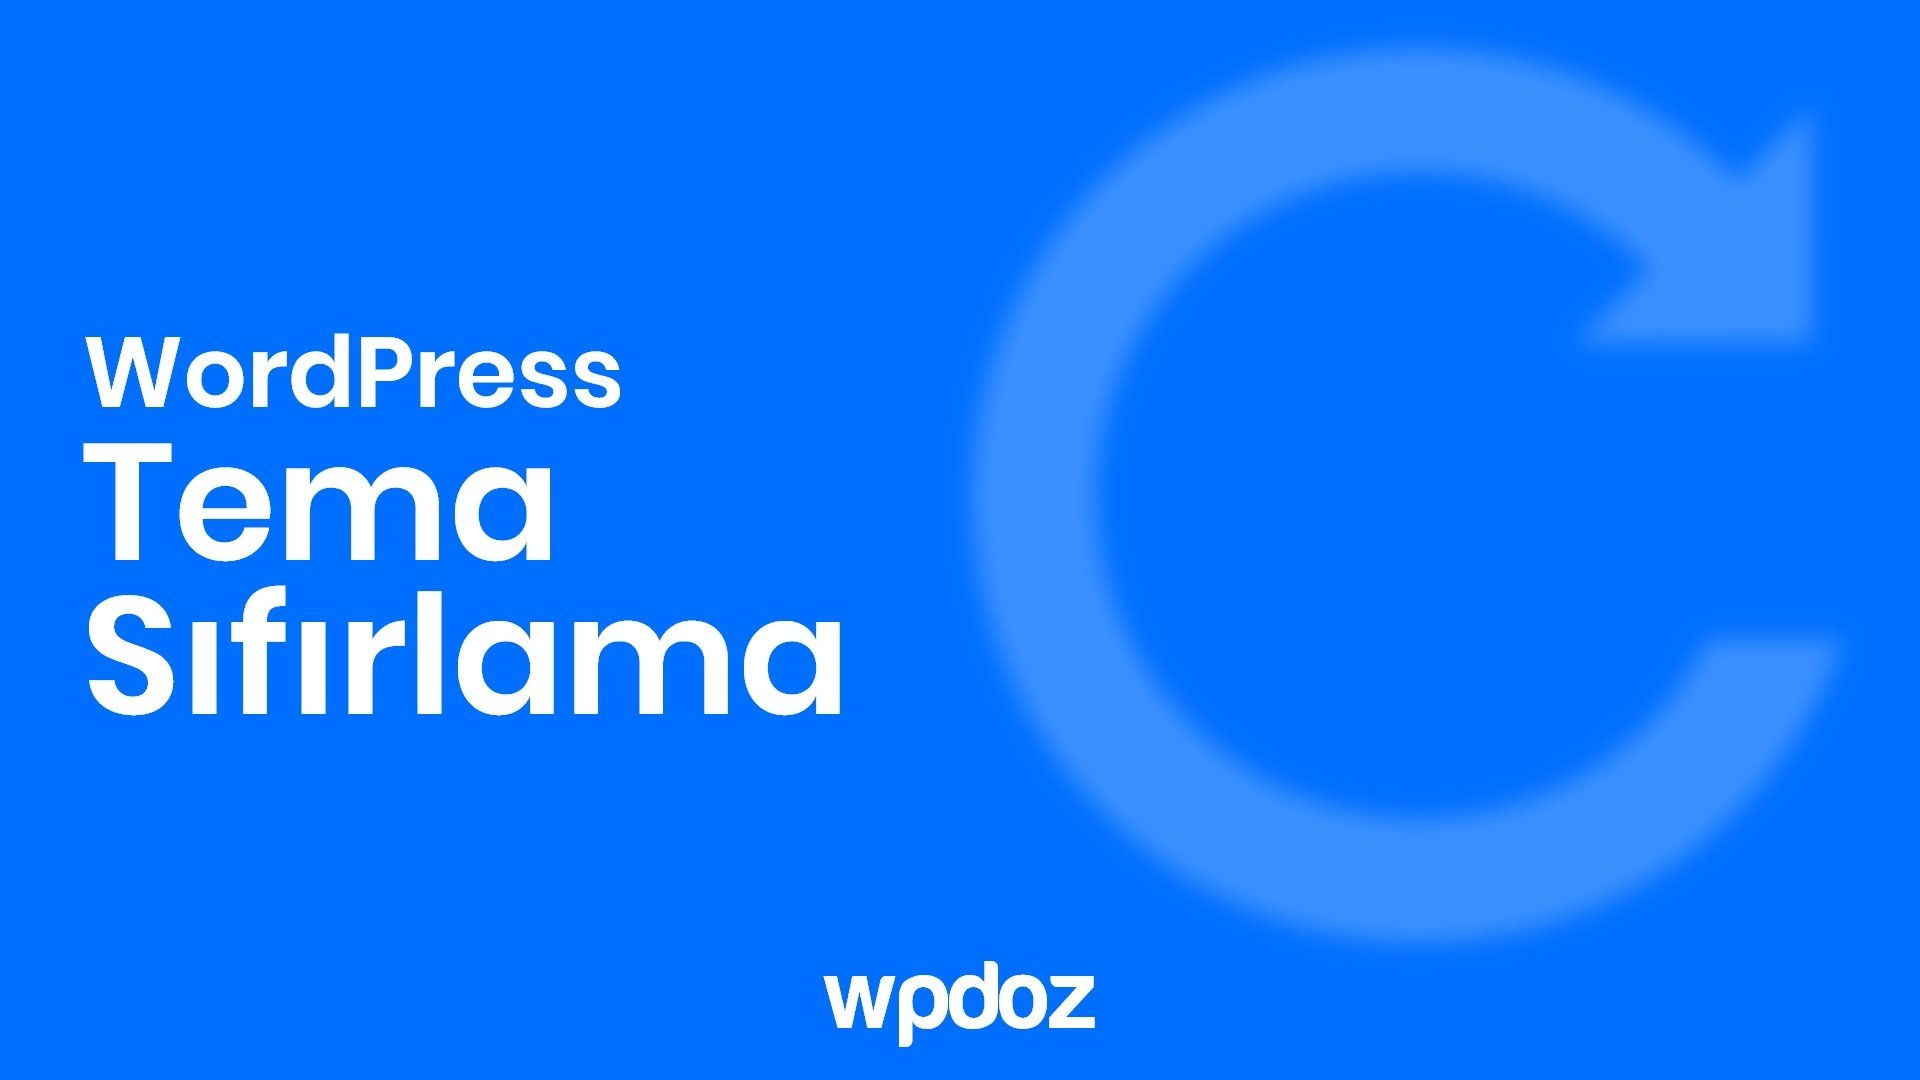 WordPress Tema Sıfırlama Nasıl Yapılır? 3 Farklı Yol